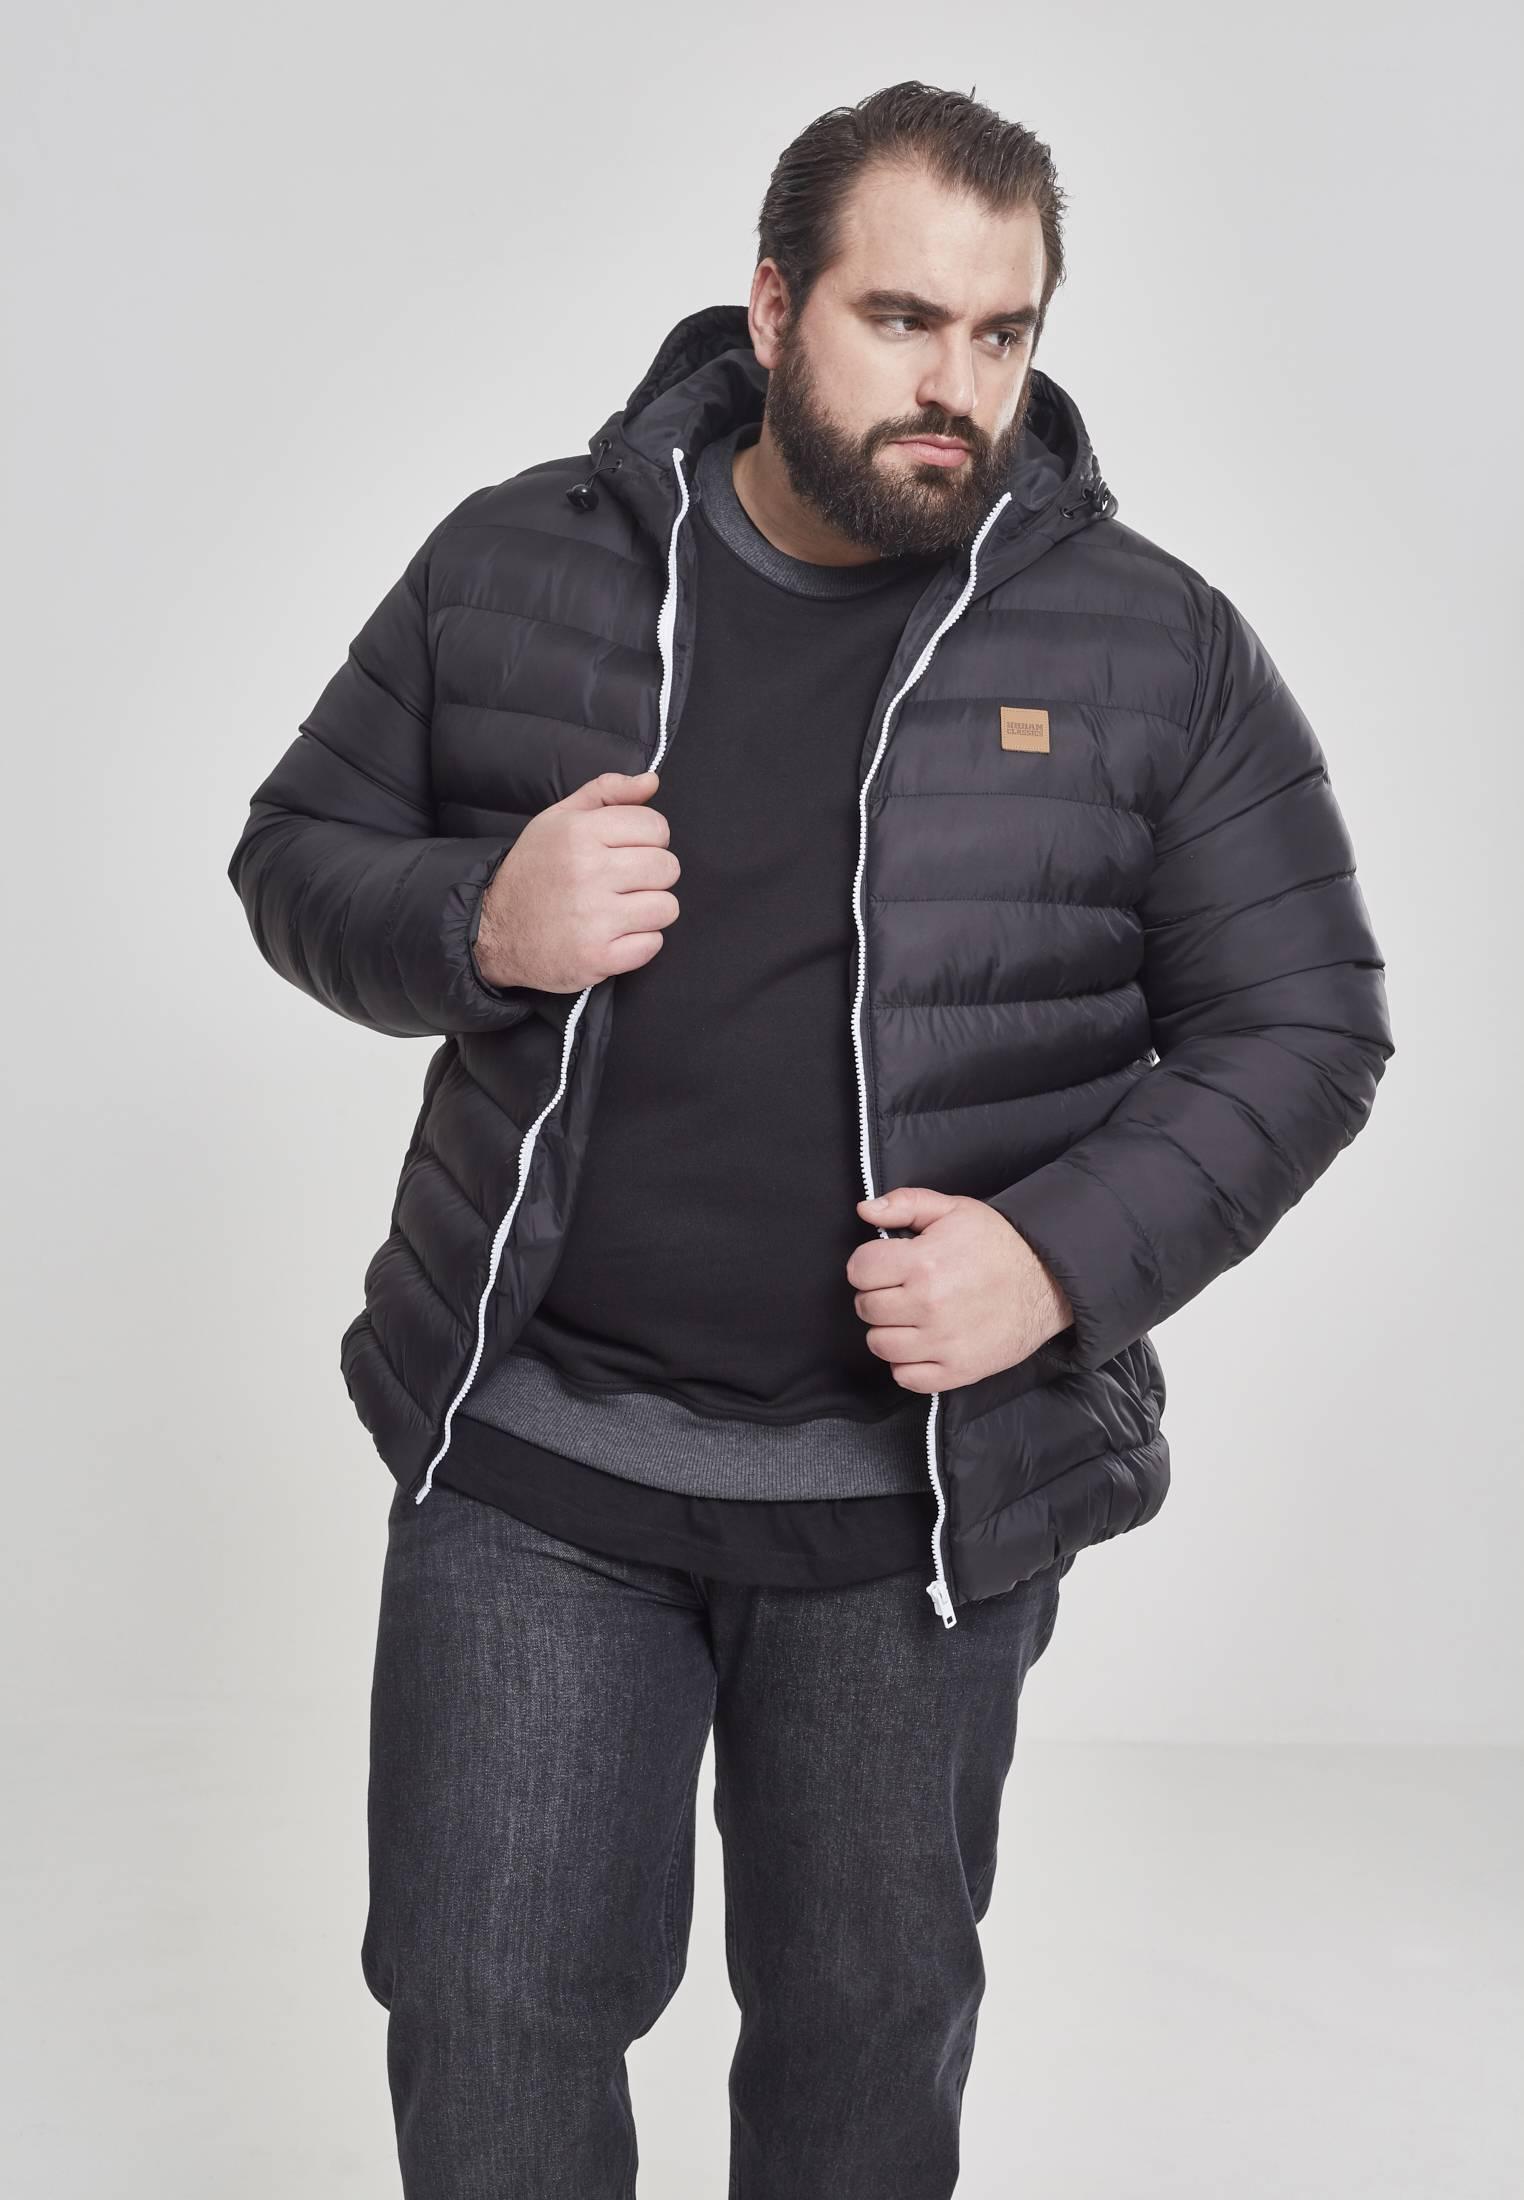 Urban Classics Basic Bubble Jacket blkwhtblk - S